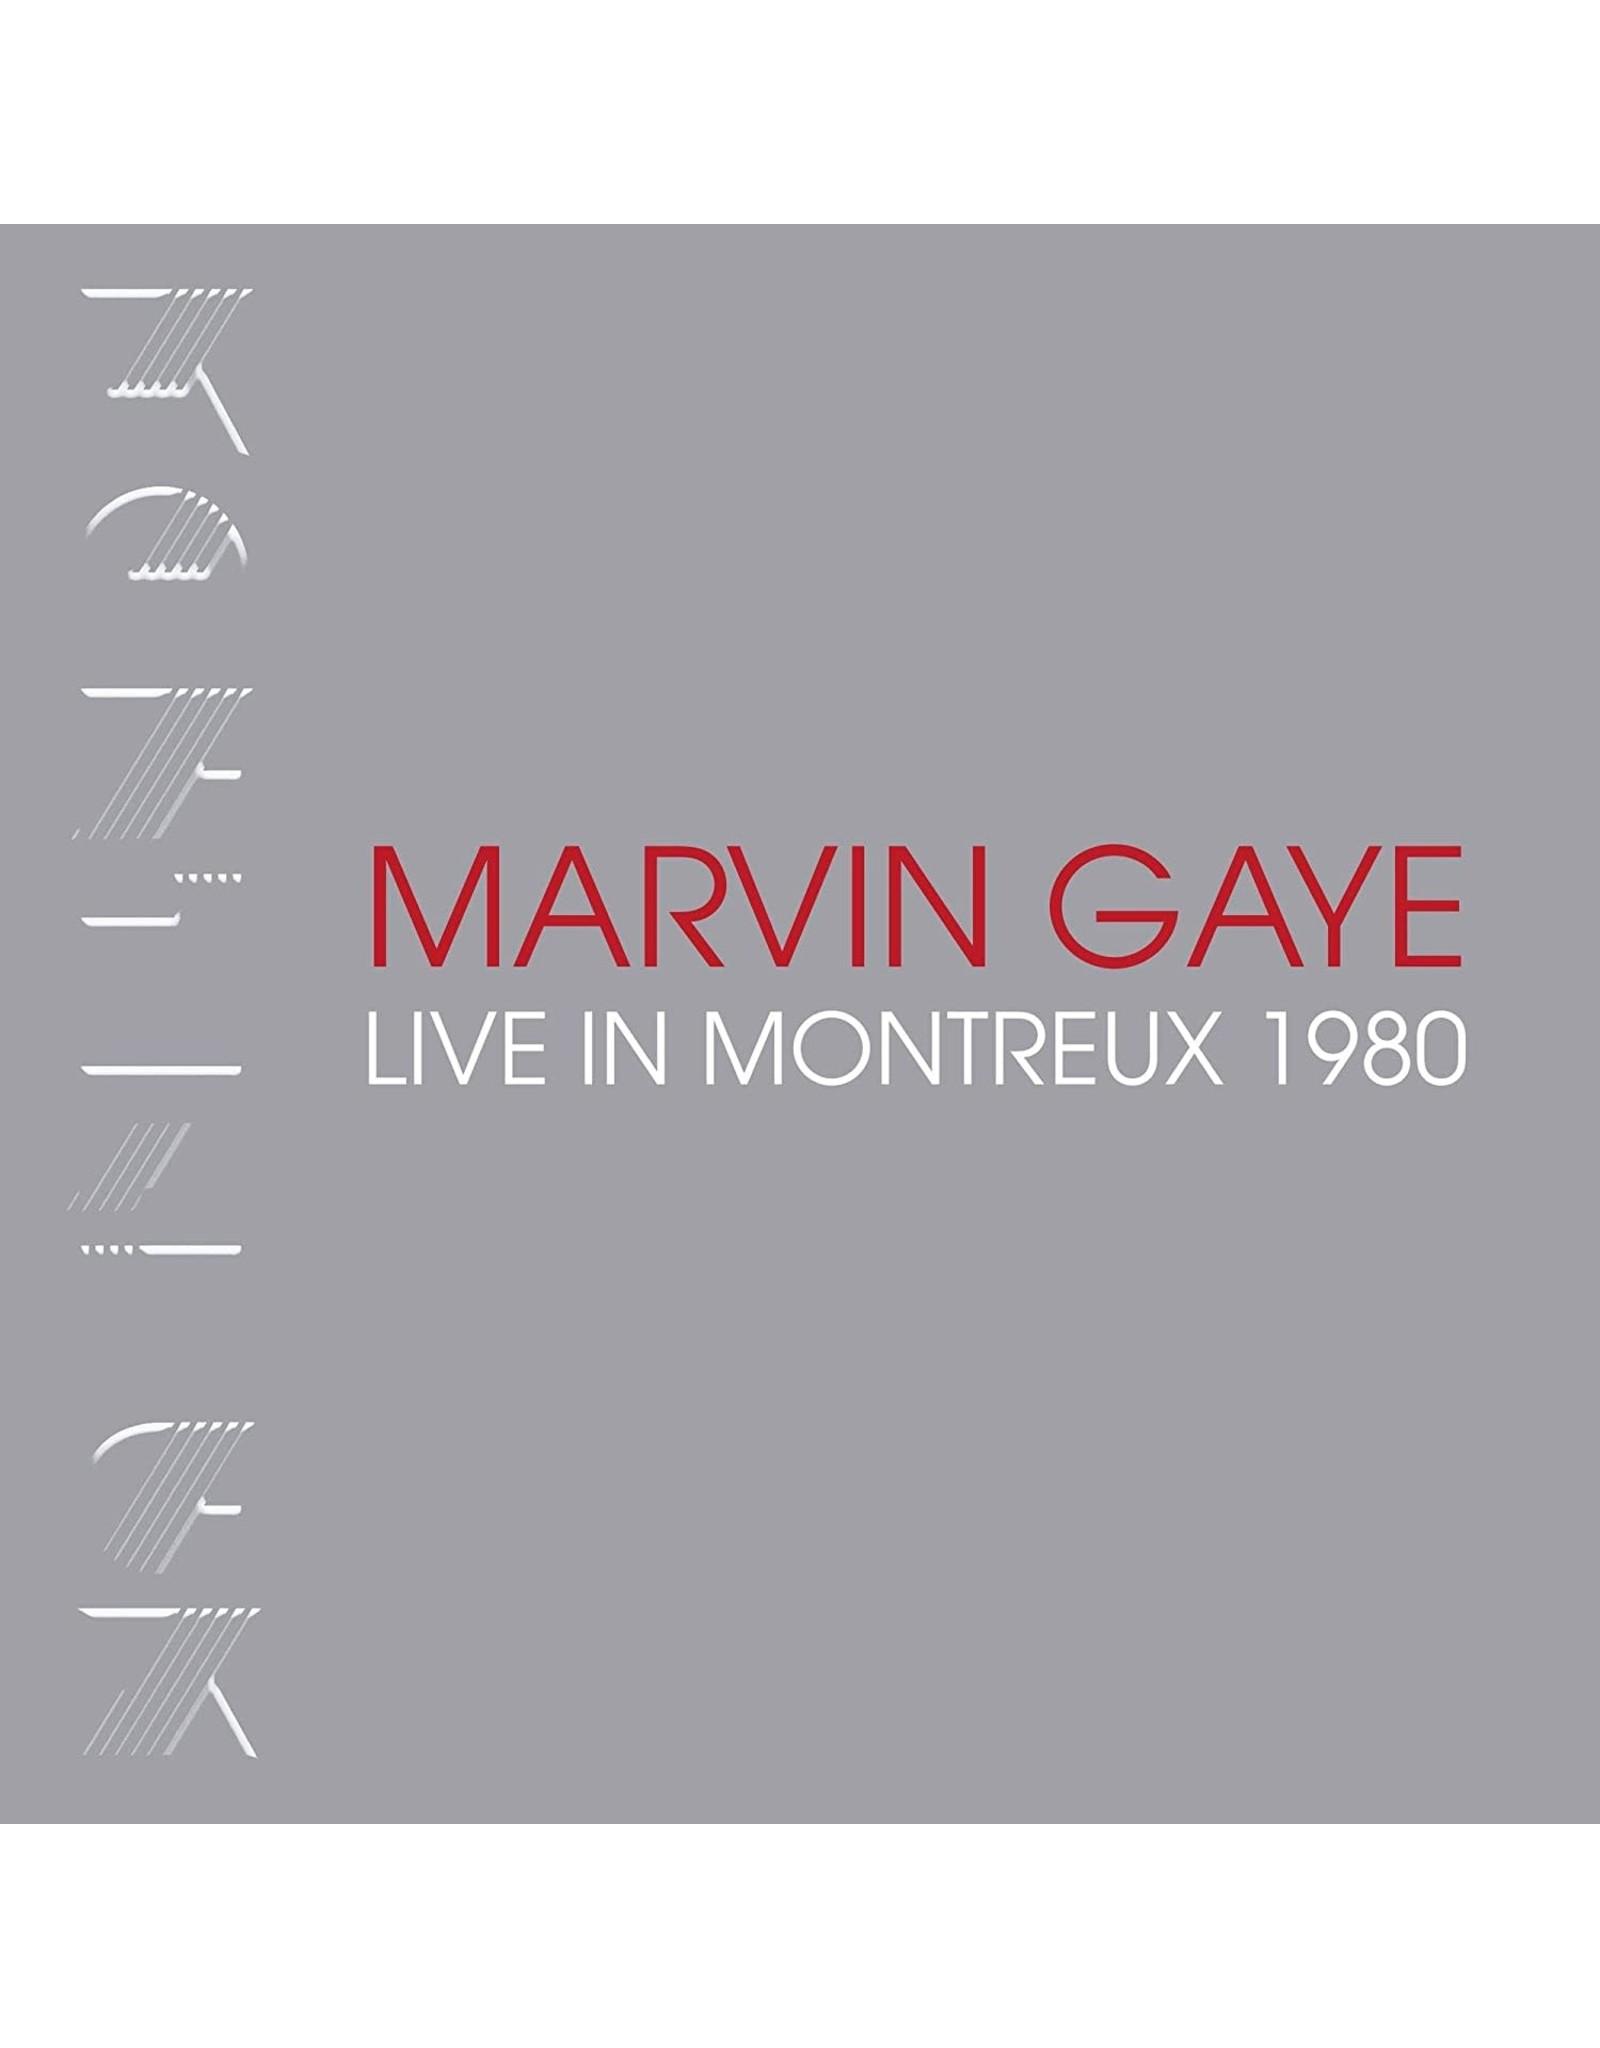 Gaye, Marvin - Live At Montreux 1980 2LP